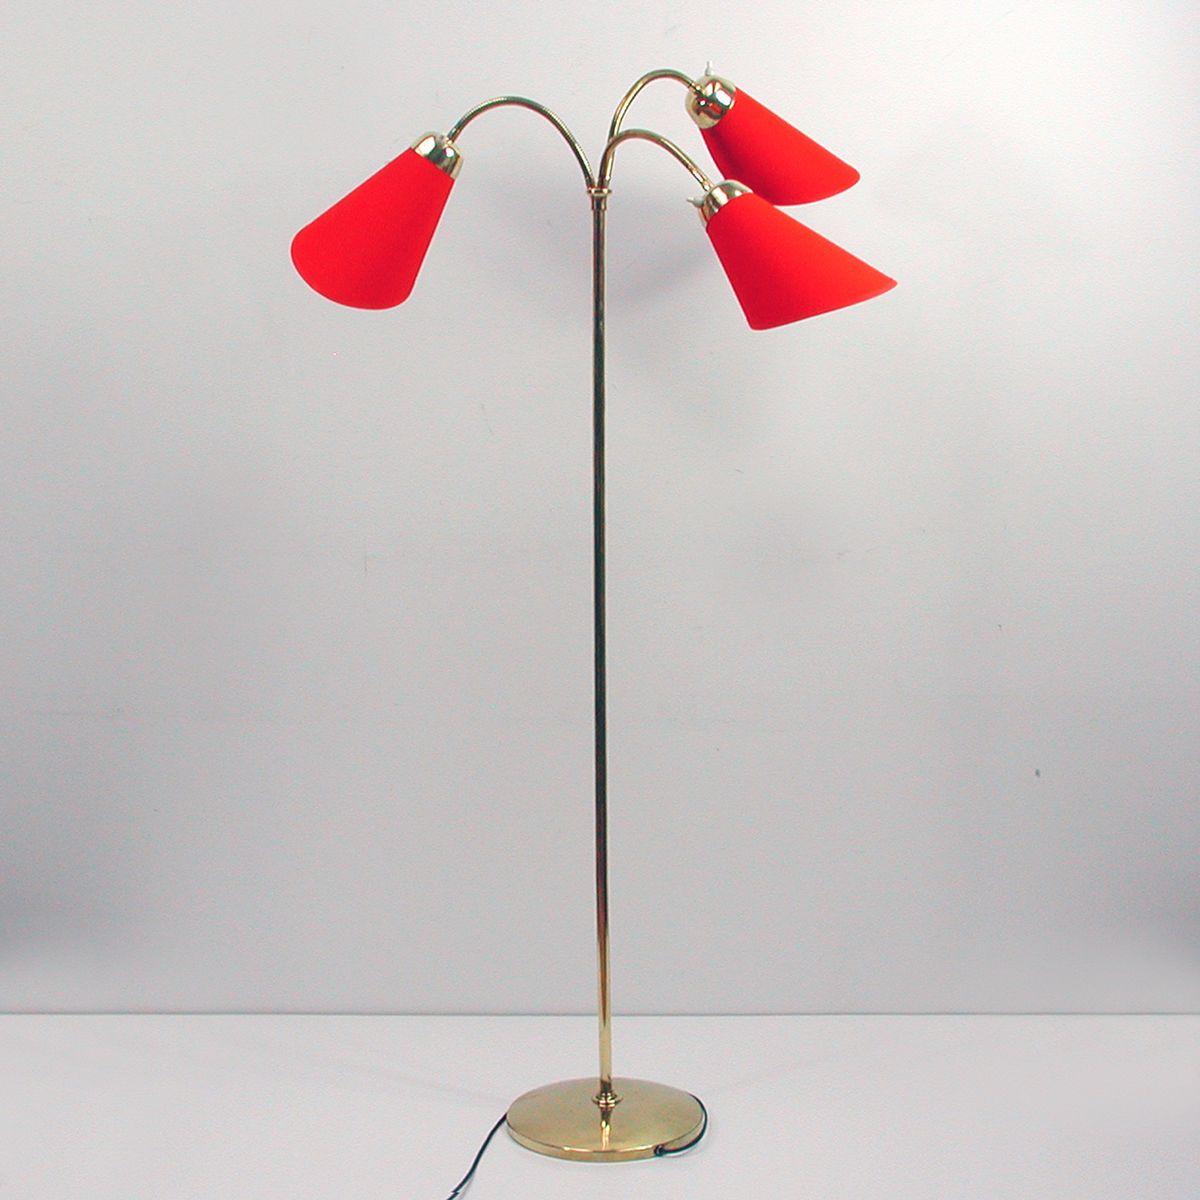 deutsche mid century stehlampe mit drei bogenleuchten bei pamono kaufen. Black Bedroom Furniture Sets. Home Design Ideas